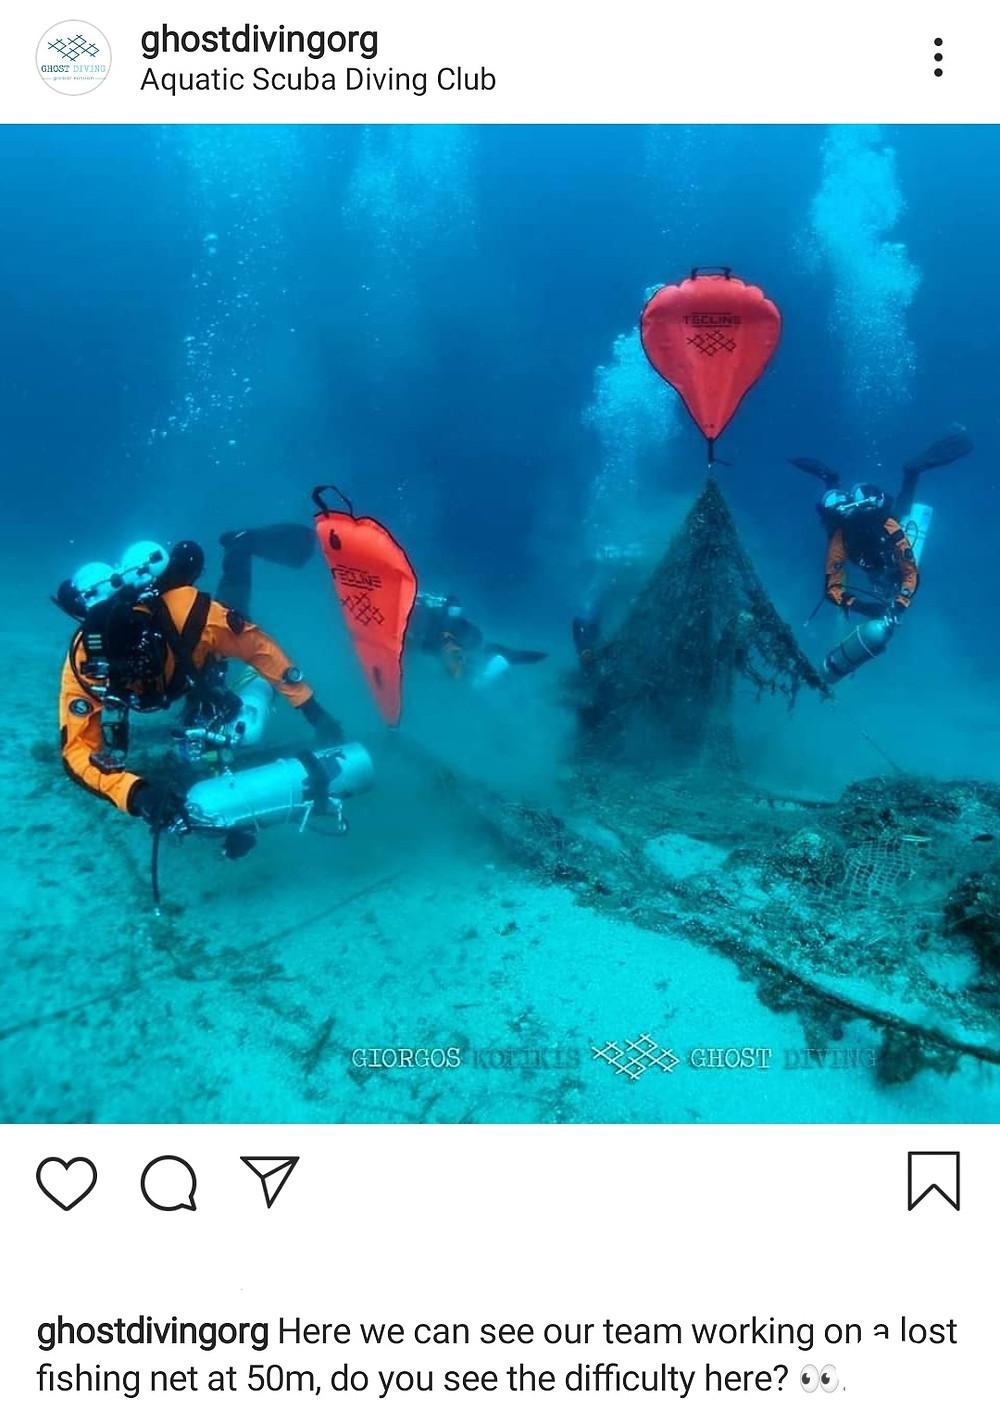 Grupo de mergulhadores da equipe Ghostdivingorg retirando redes fantasmas do fundo do aceano. O trabalho requer muito cuidado para que os próprios mergulhadores não se machuquem e nem fiquem presos.